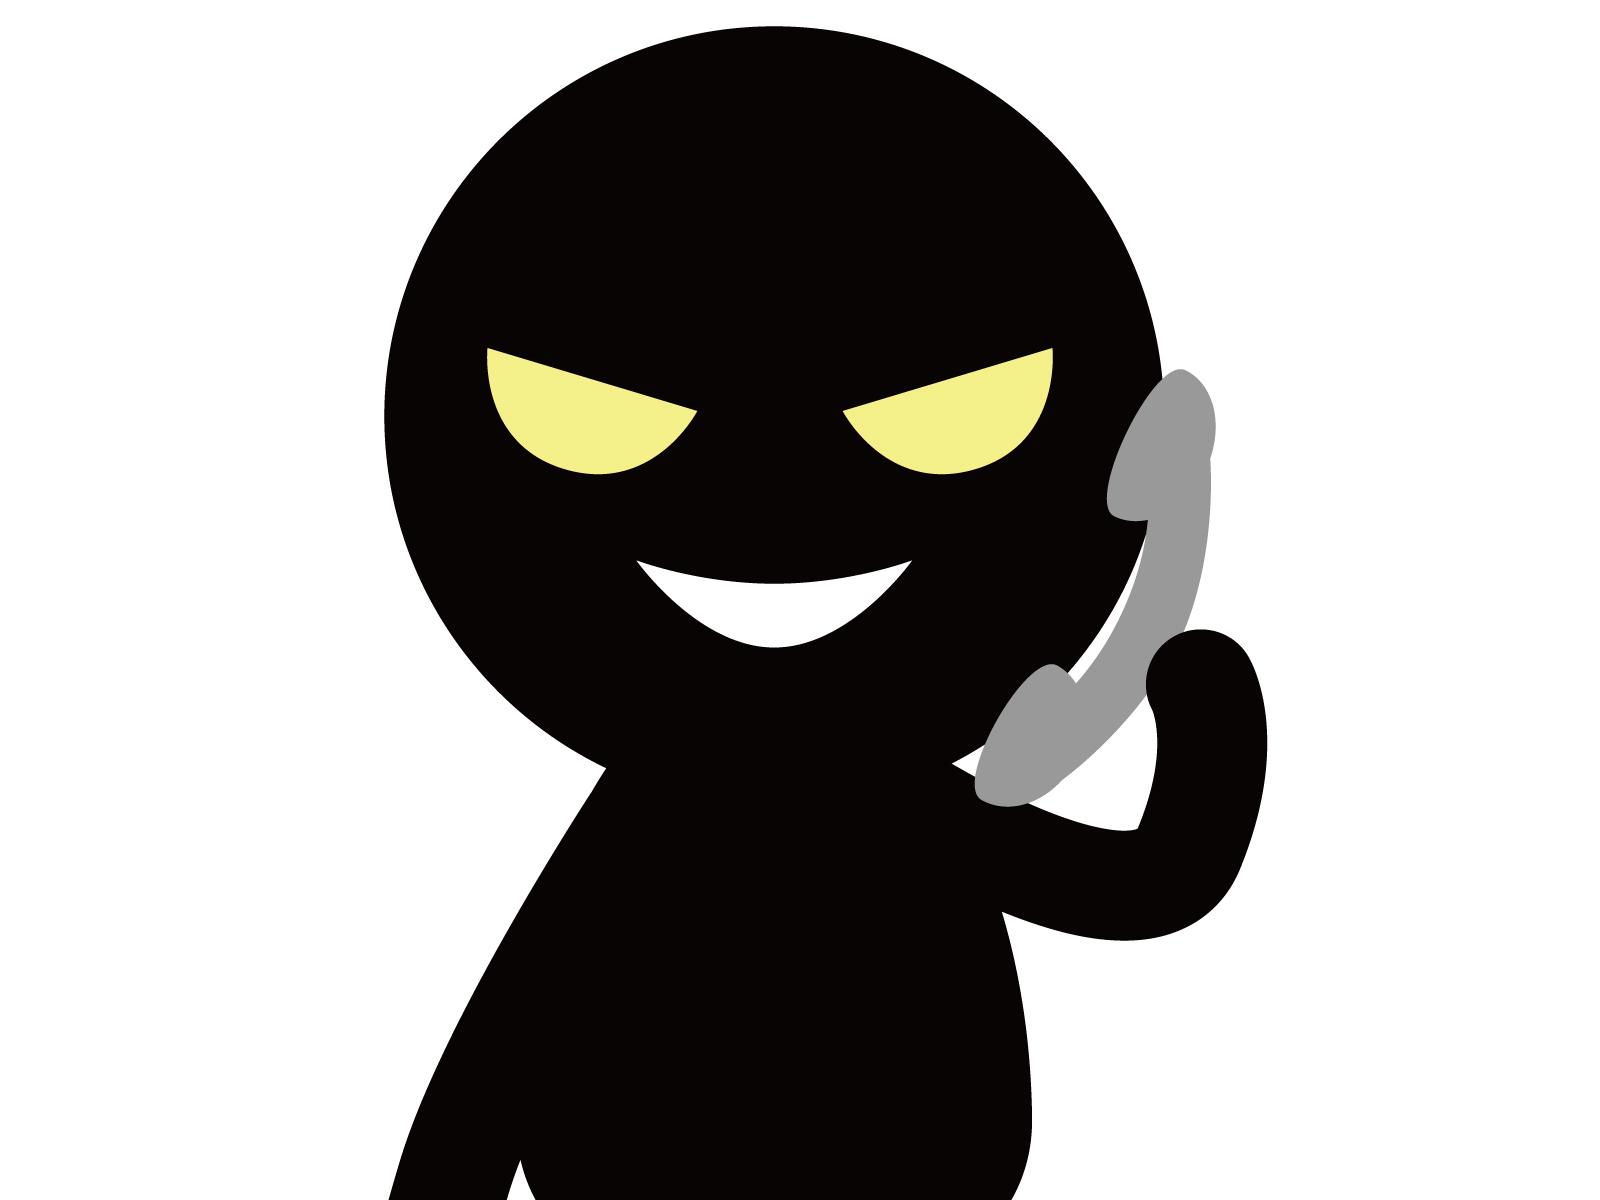 3秒で断る!詐欺電話・迷惑電話の最も簡単な撃退 …